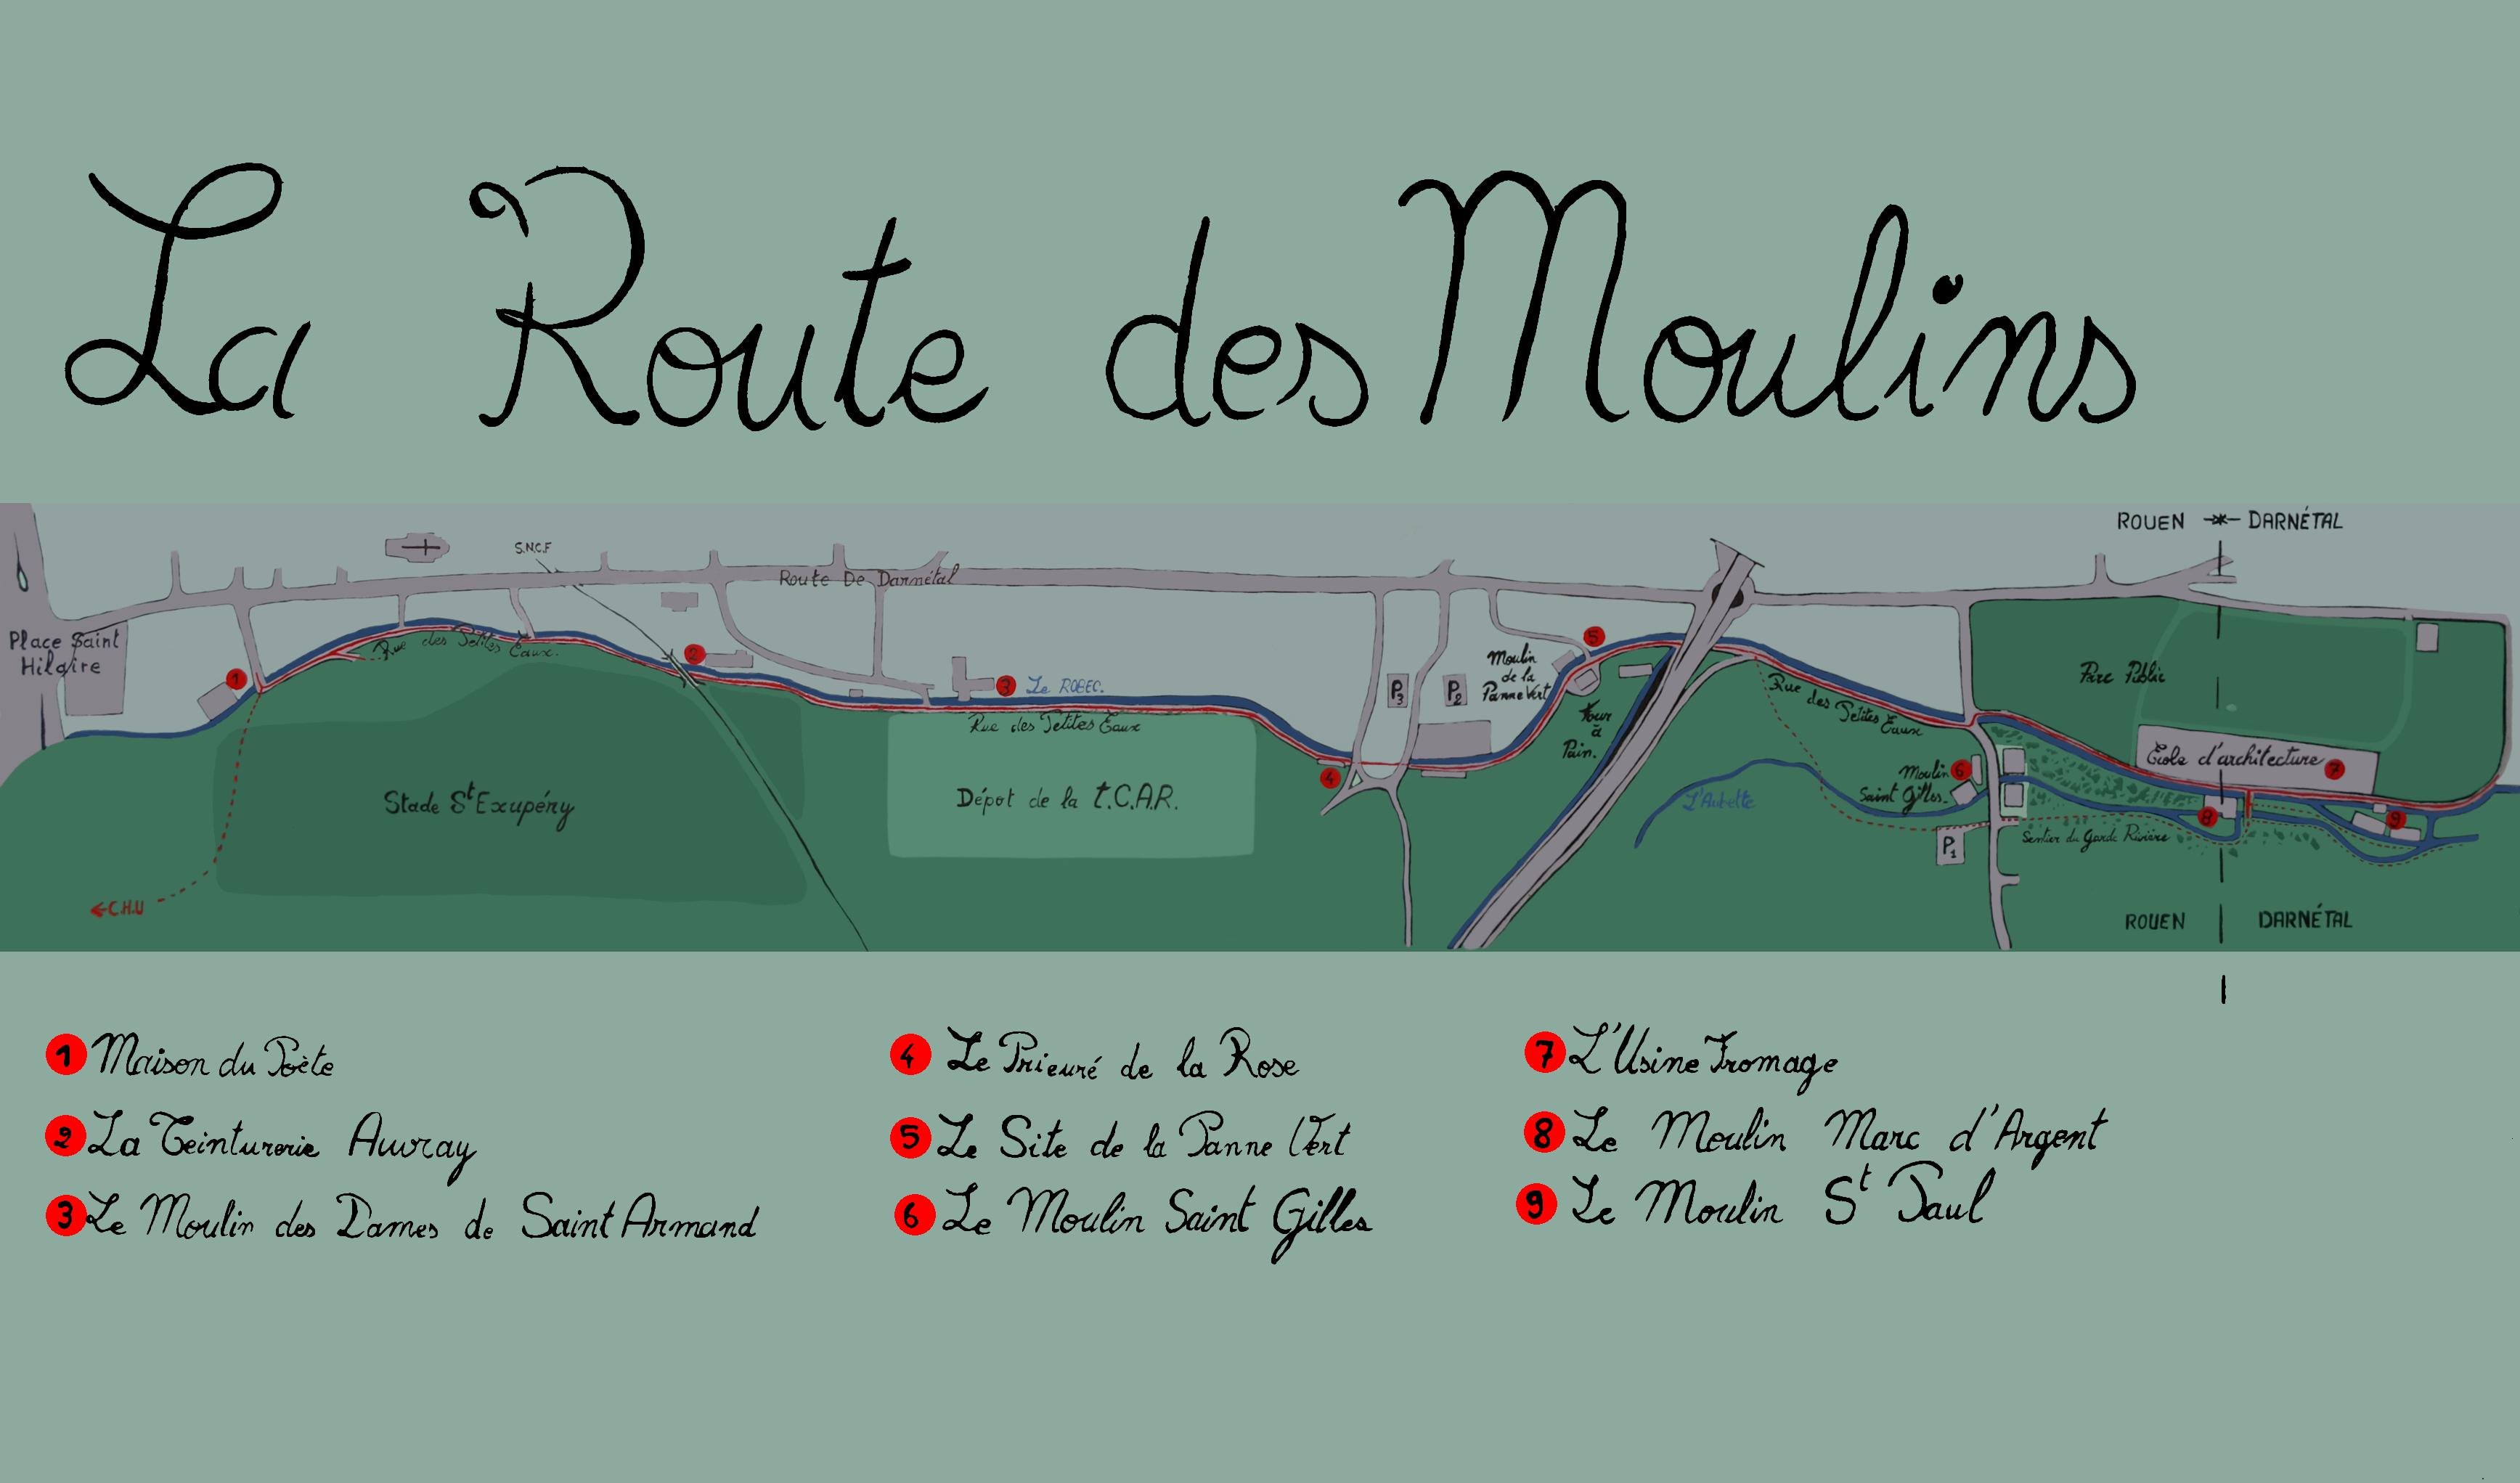 Plan de la route des moulins flickr photo sharing for Plan de moulins